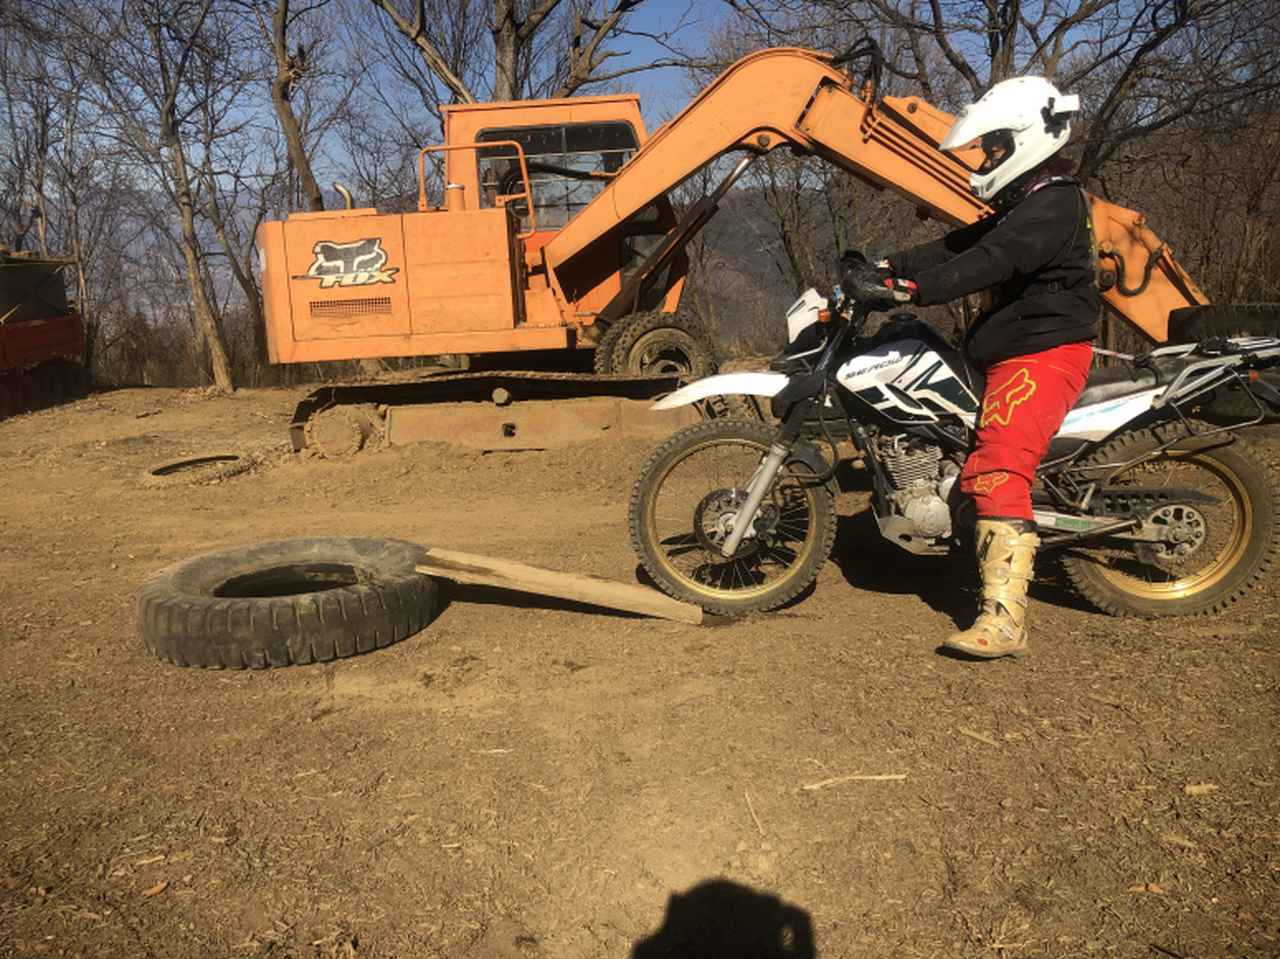 画像1: 自分のバイクで丸太やタイヤを越えてみたい!!